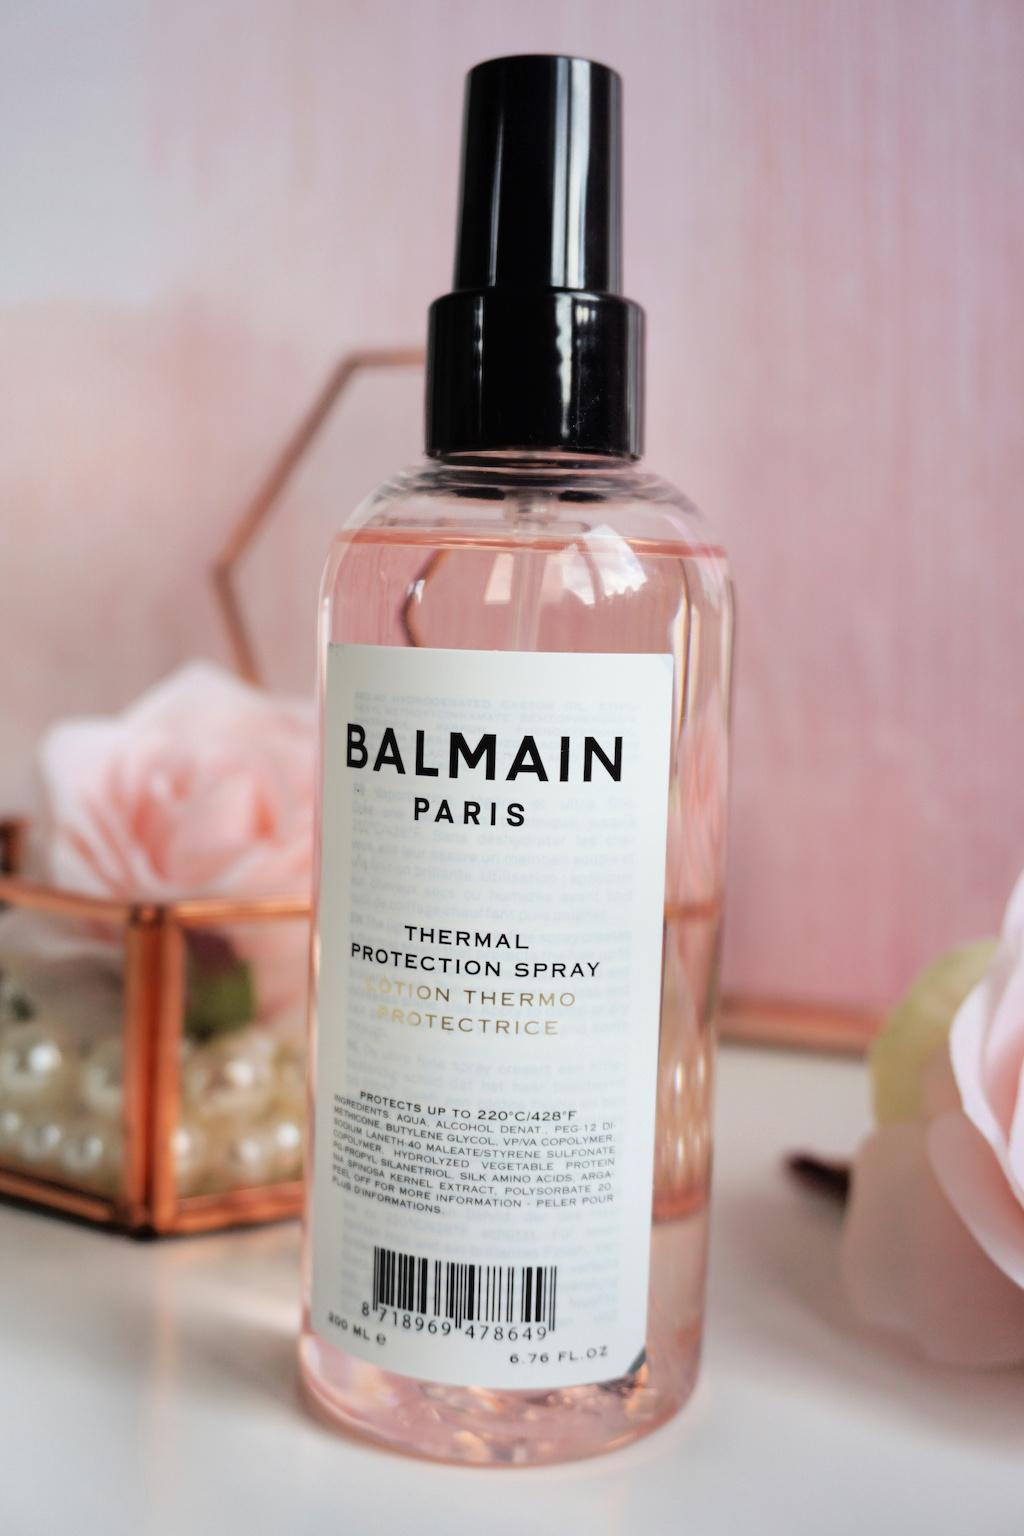 Balmain Thermal Protection Spray Hittebeschermende Spray Review